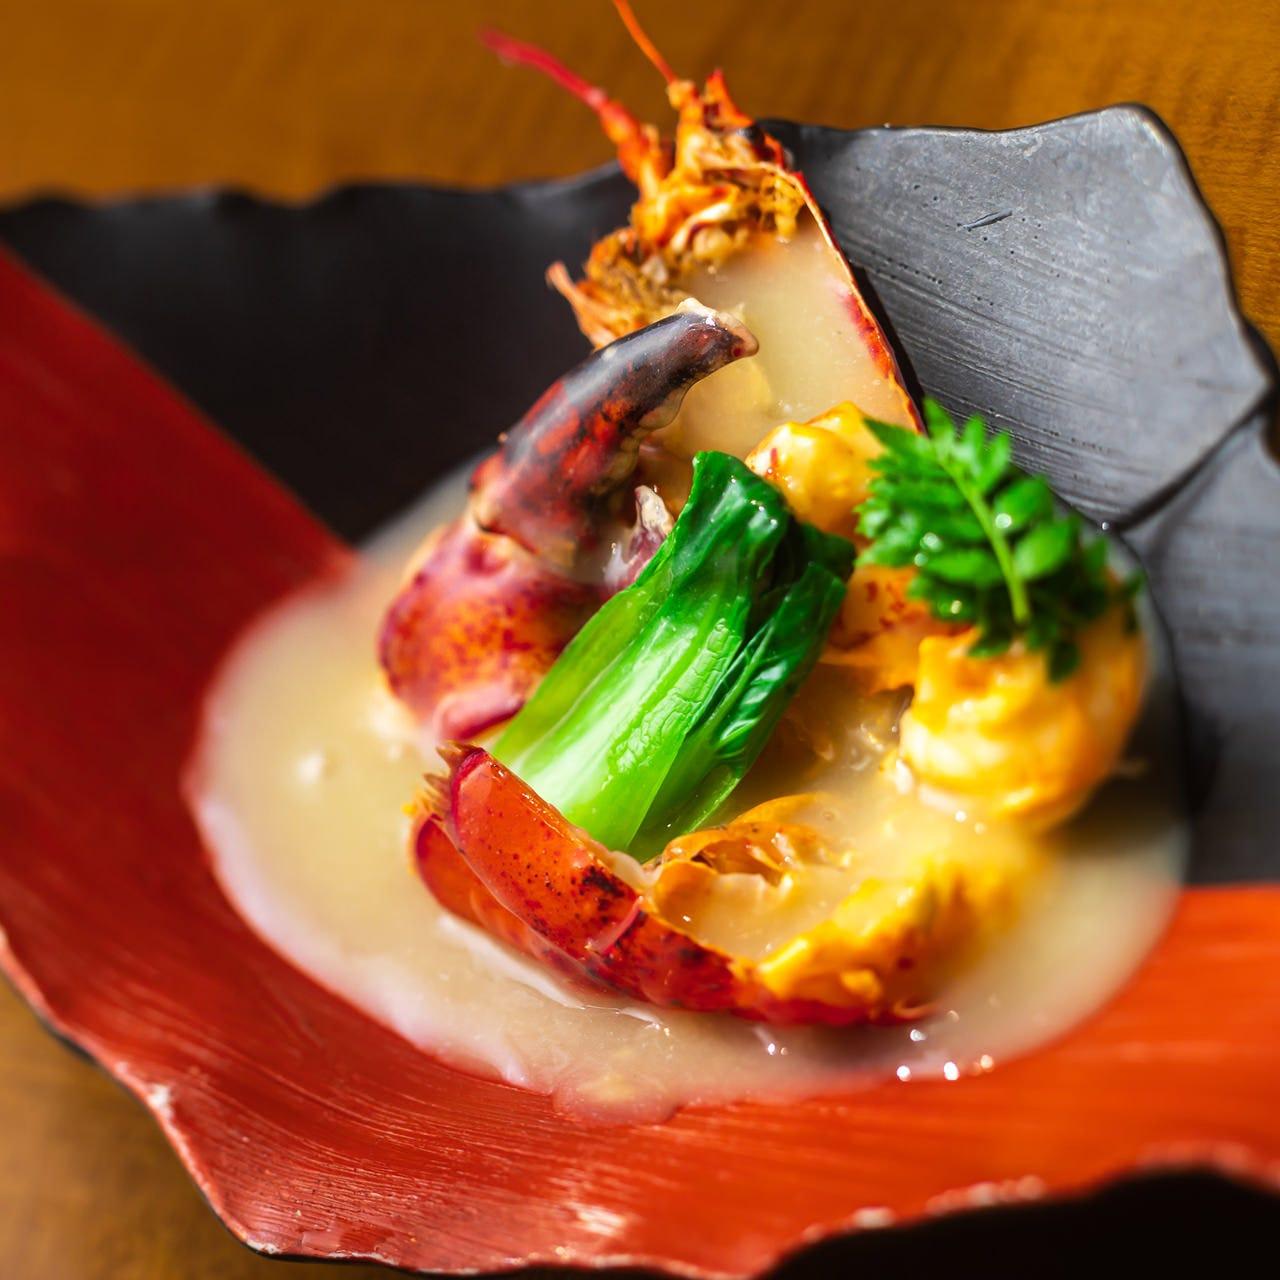 オマール海老を白ミソで炊いた「具足煮」は柚子香る贅沢な一皿